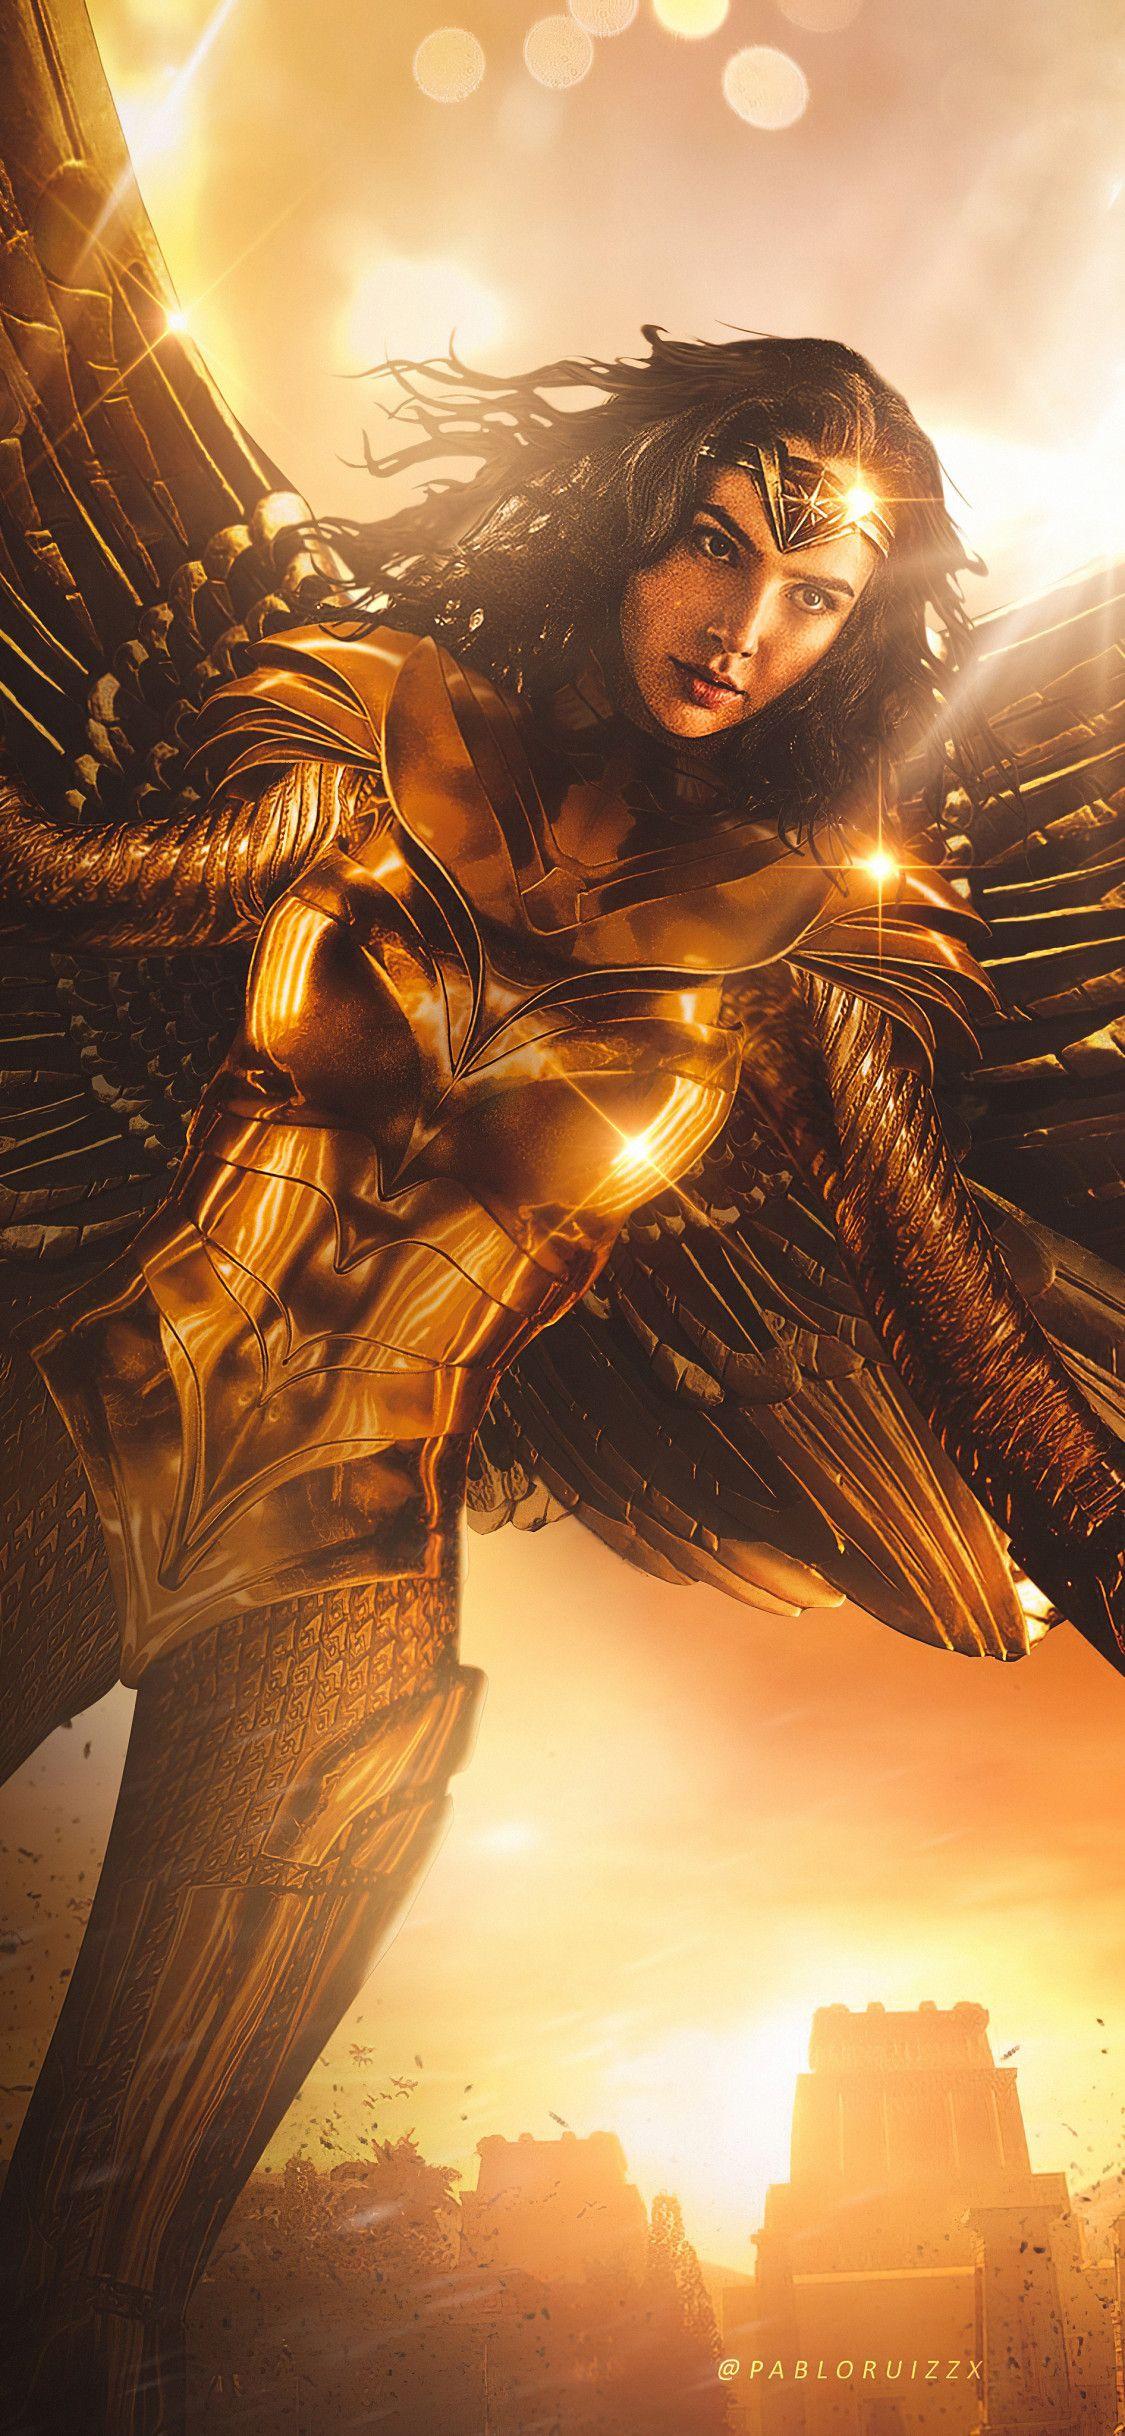 Wonder Woman 1984 Wings In 1125x2436 Resolution In 2020 Wonder Woman Comic Gal Gadot Wonder Woman Wonder Woman Art